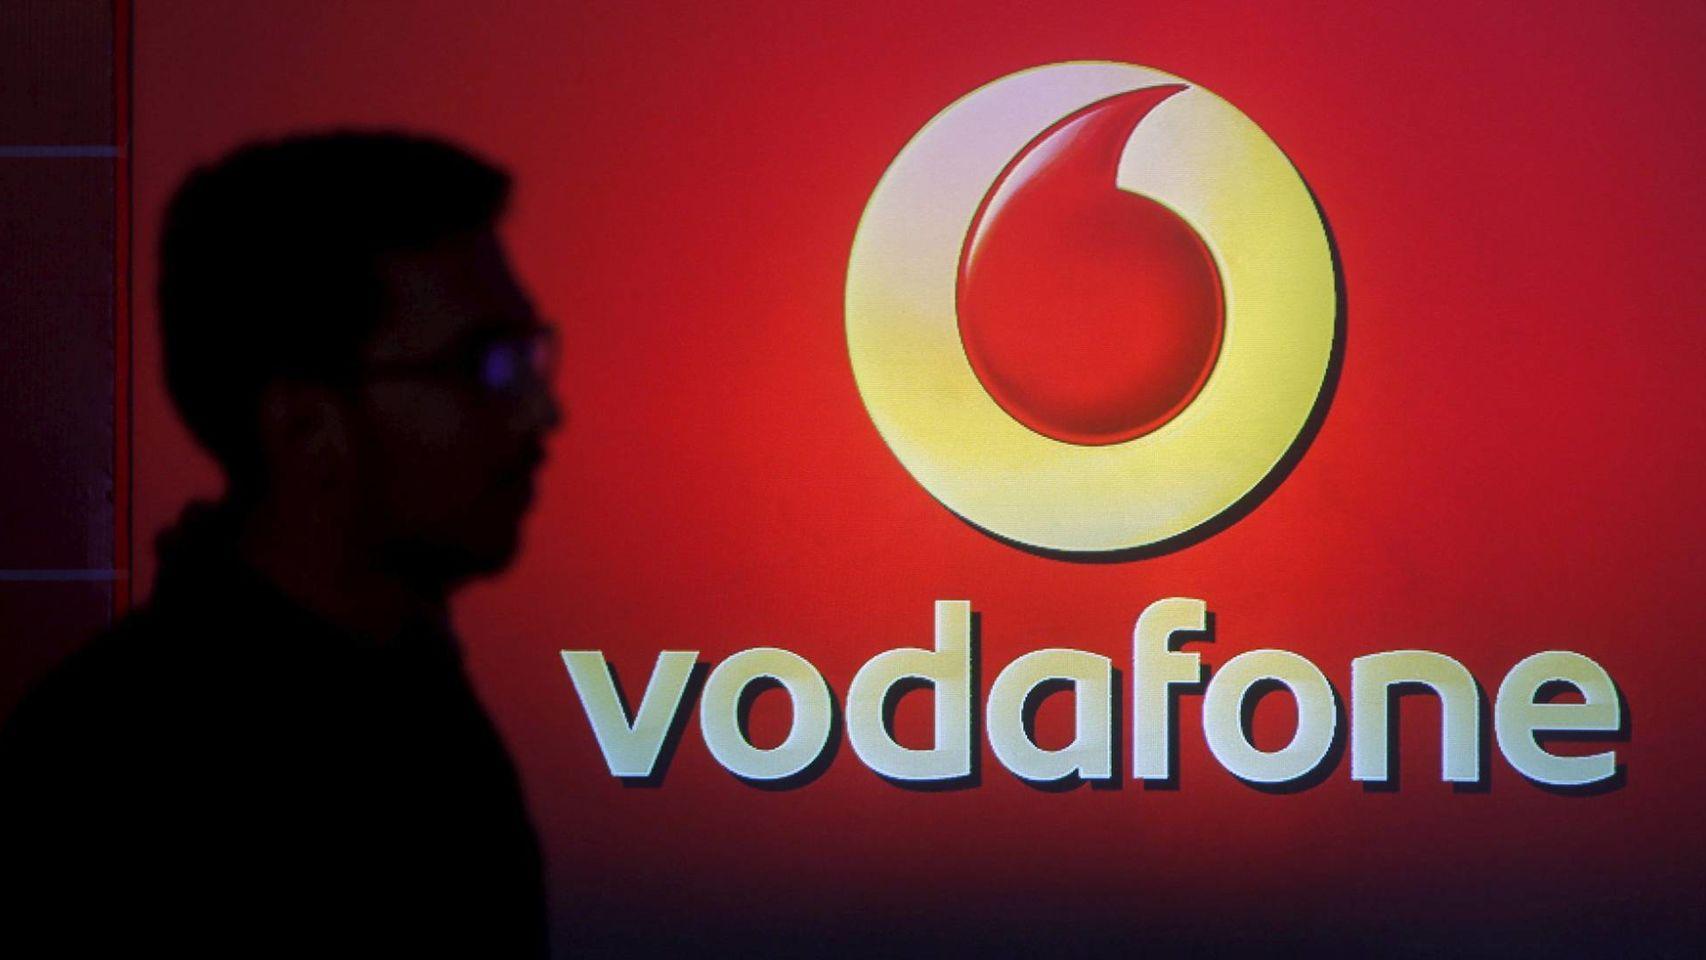 El Tribunal Supremo fija en 1,8 millones de euros la sanción a Vodafone por incumplir la normativa de roaming